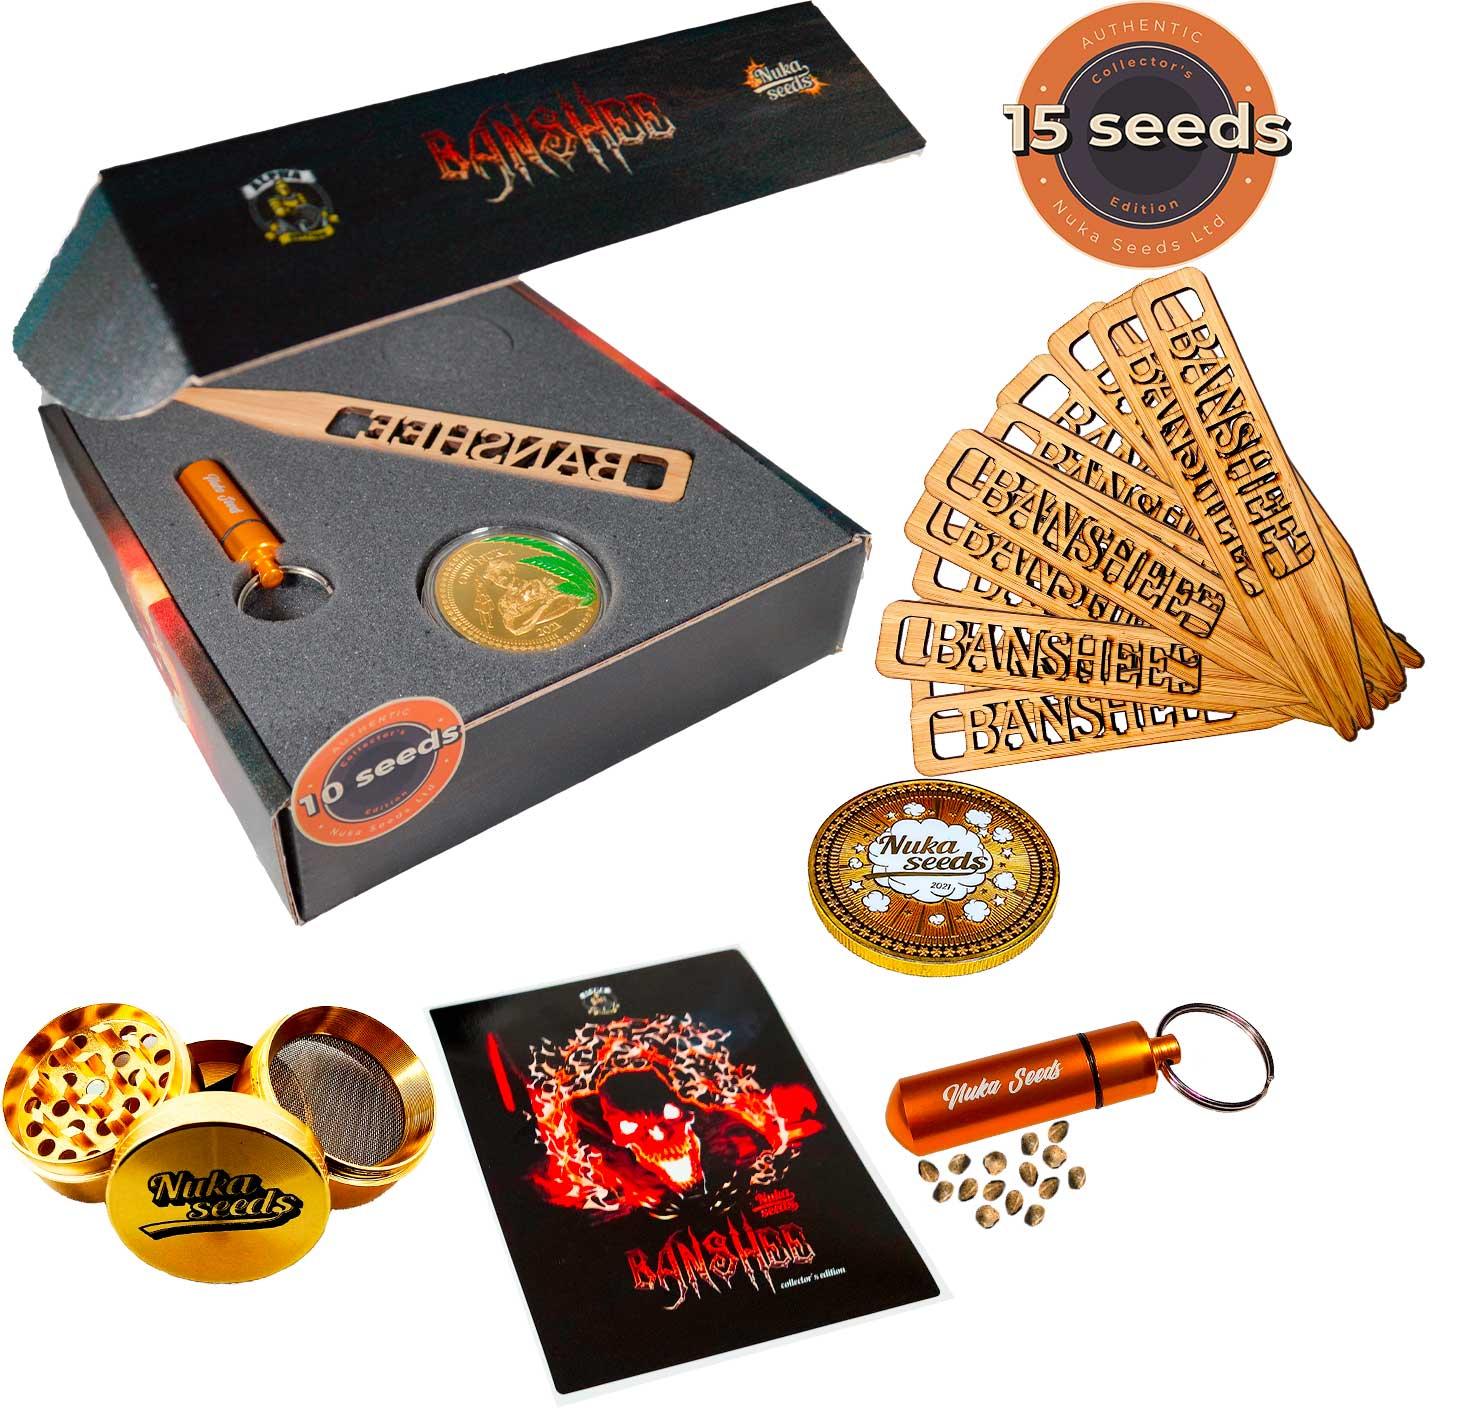 Cannabis seeds Banshee Nuka seeds